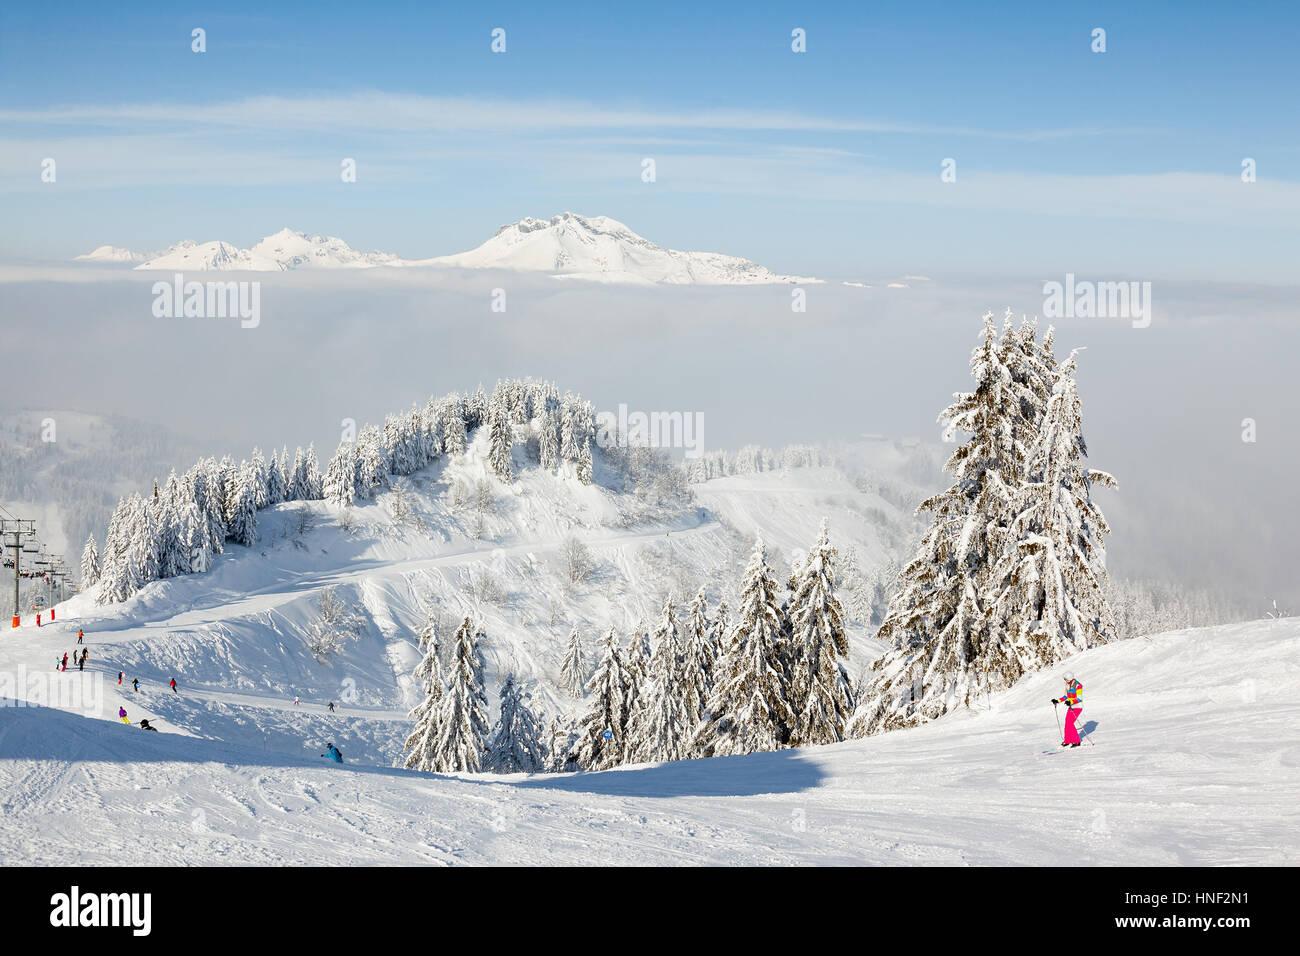 MORZINE, Francia - 06 febbraio 2015: gli sciatori e snow boarders su Le Ranfoilly picco di montagna a Les Gets ski Immagini Stock